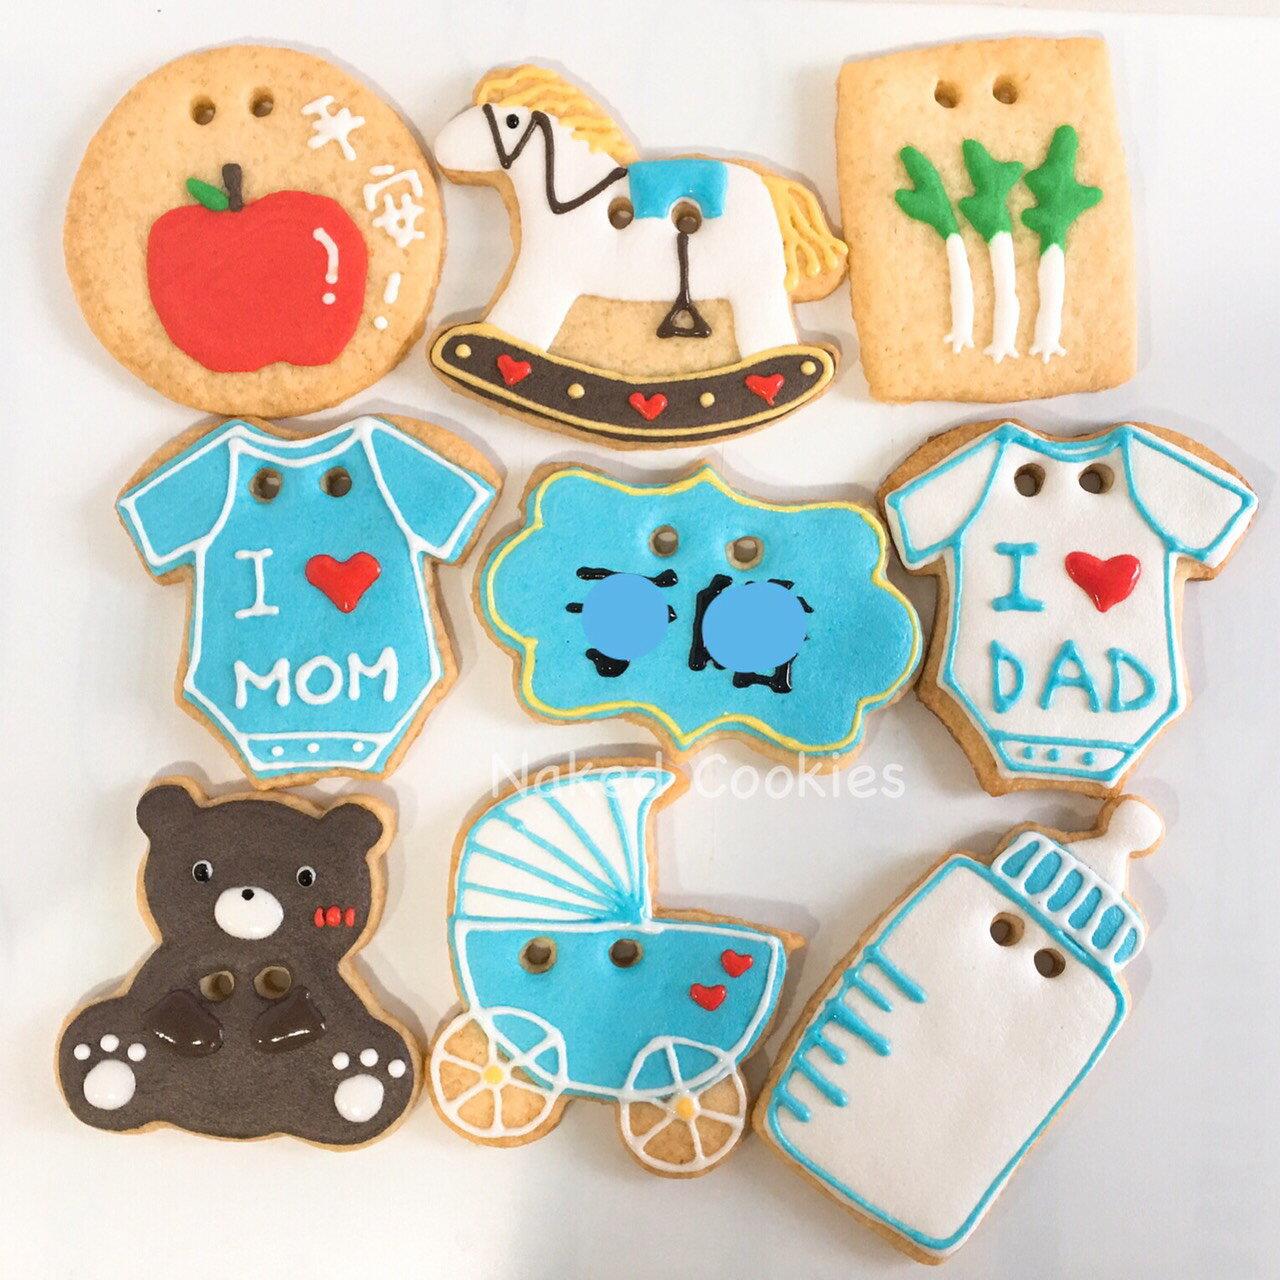 【裸餅乾Naked Cookies】男寶寶收涎9入-創意手工糖霜餅乾,婚禮/生日/活動/收涎/彌月